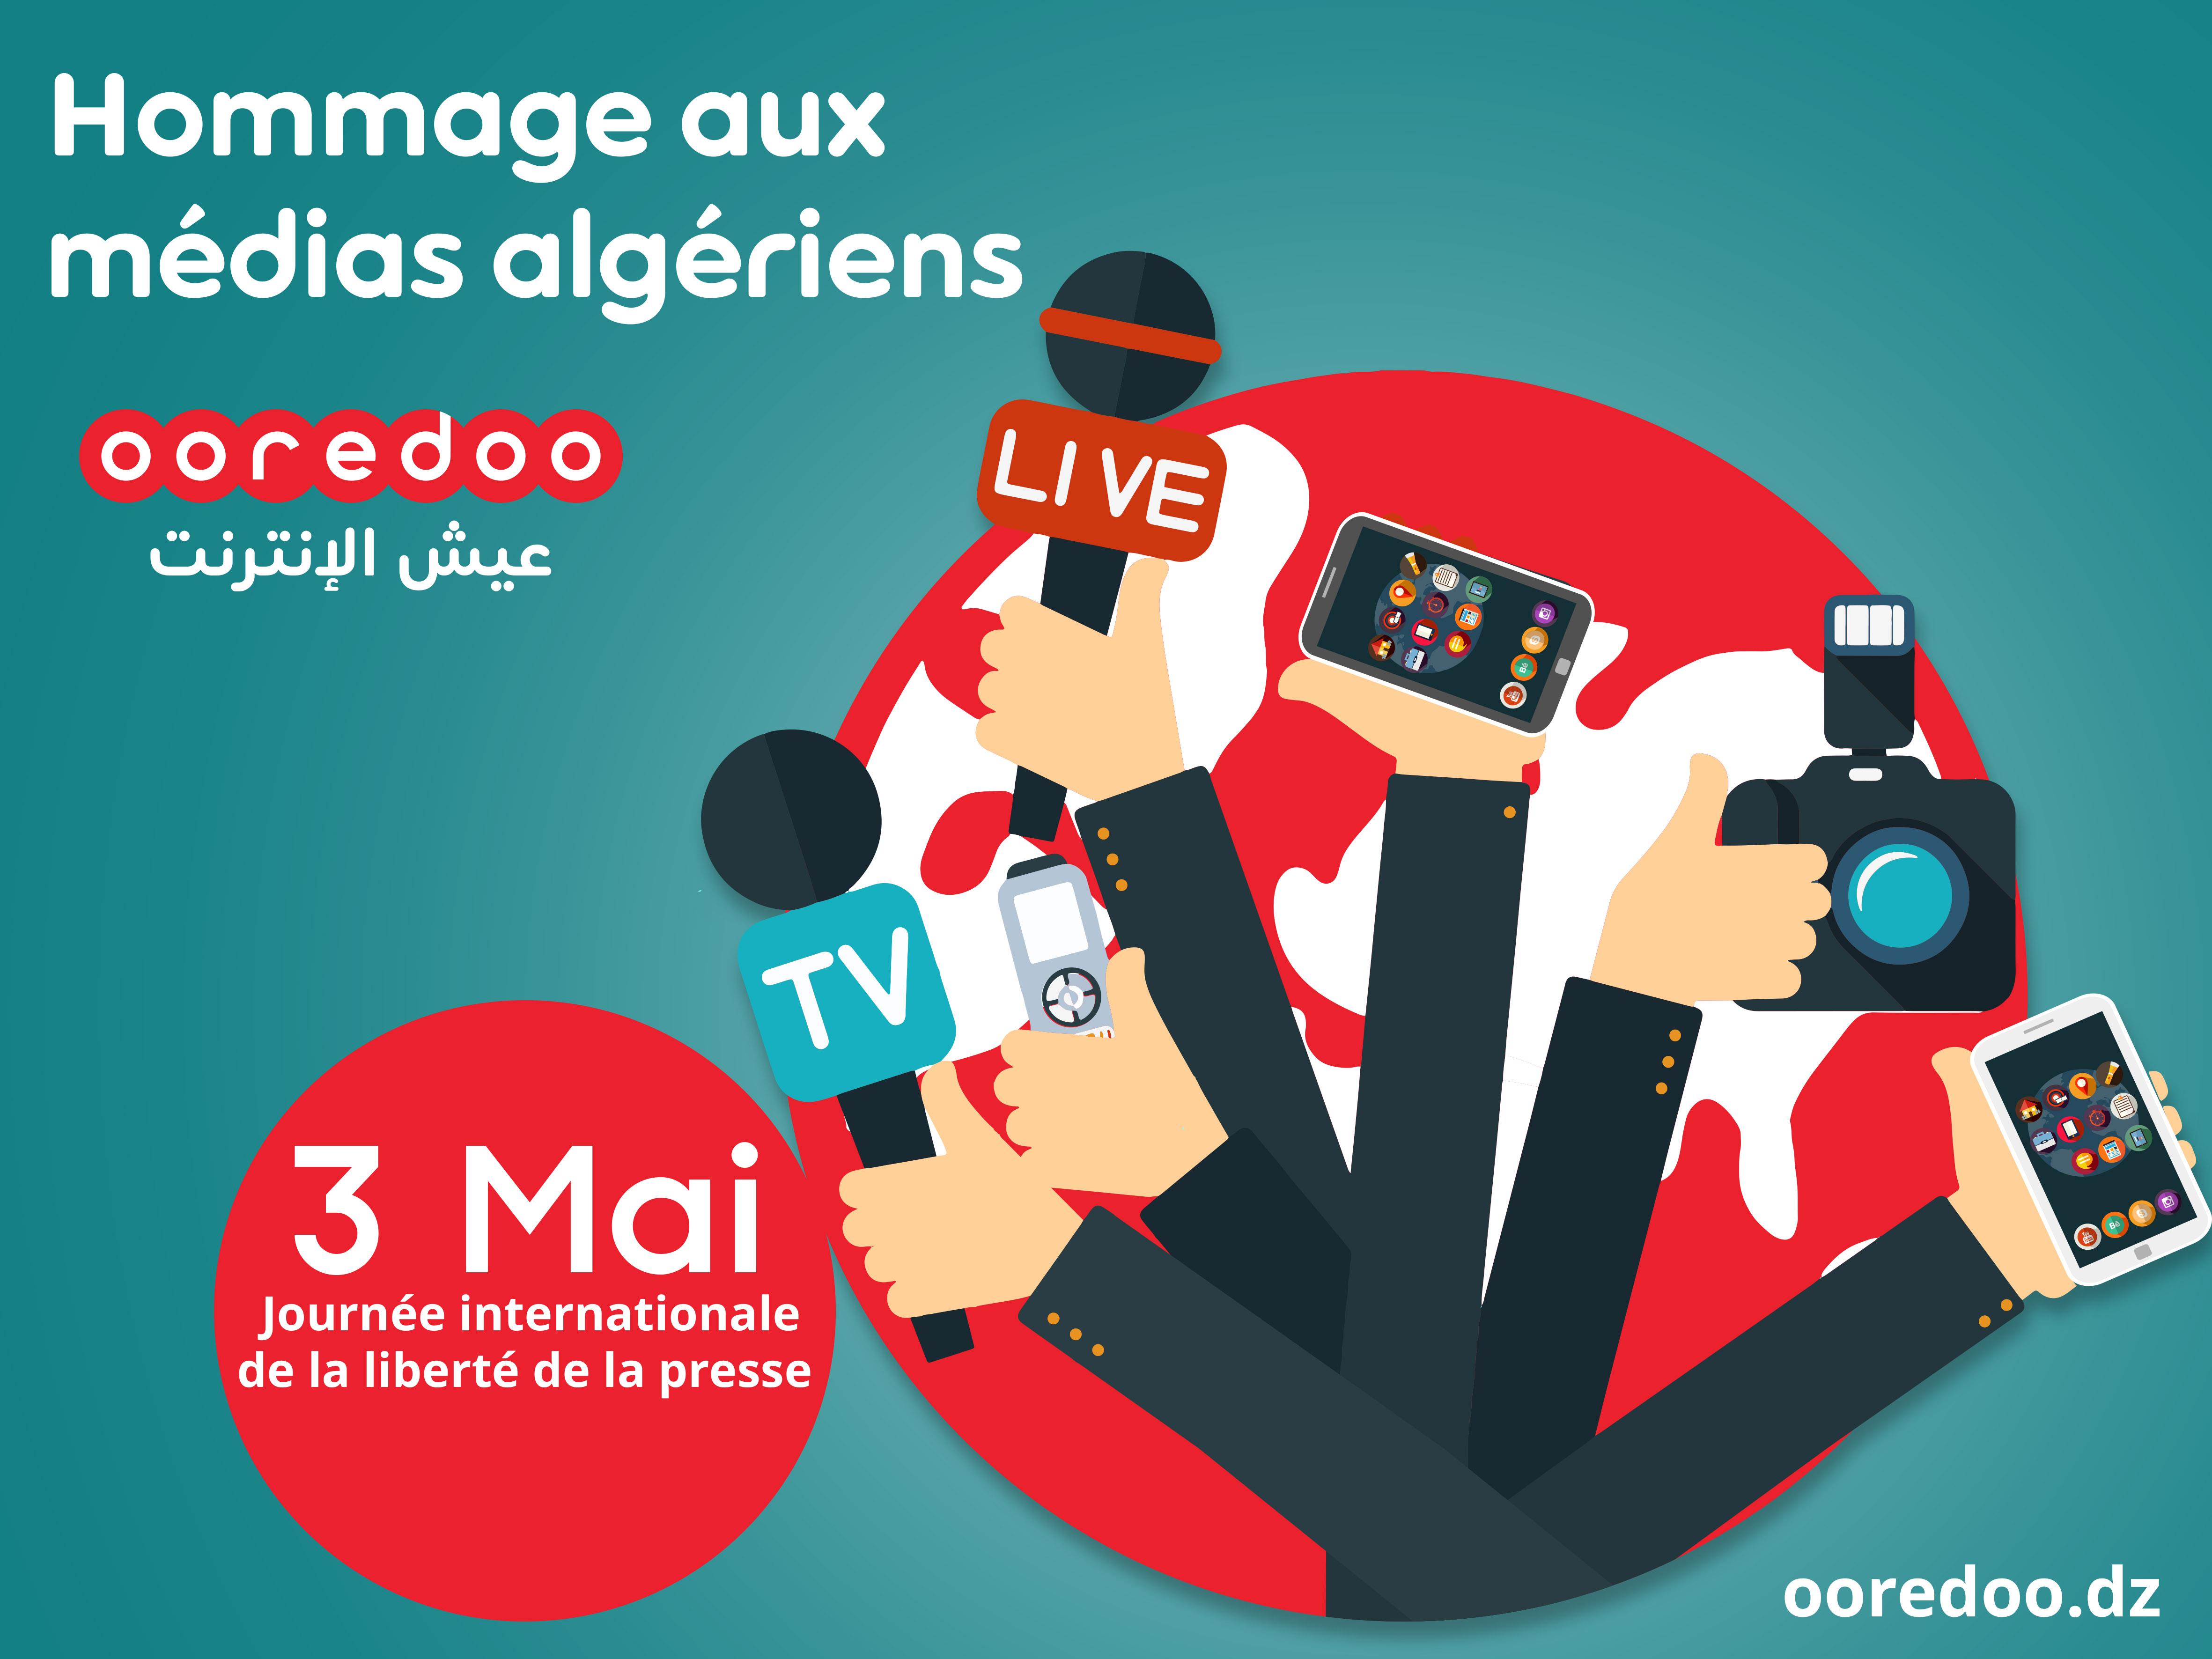 Ooredoo rend hommage aux médias algériens. D. R.